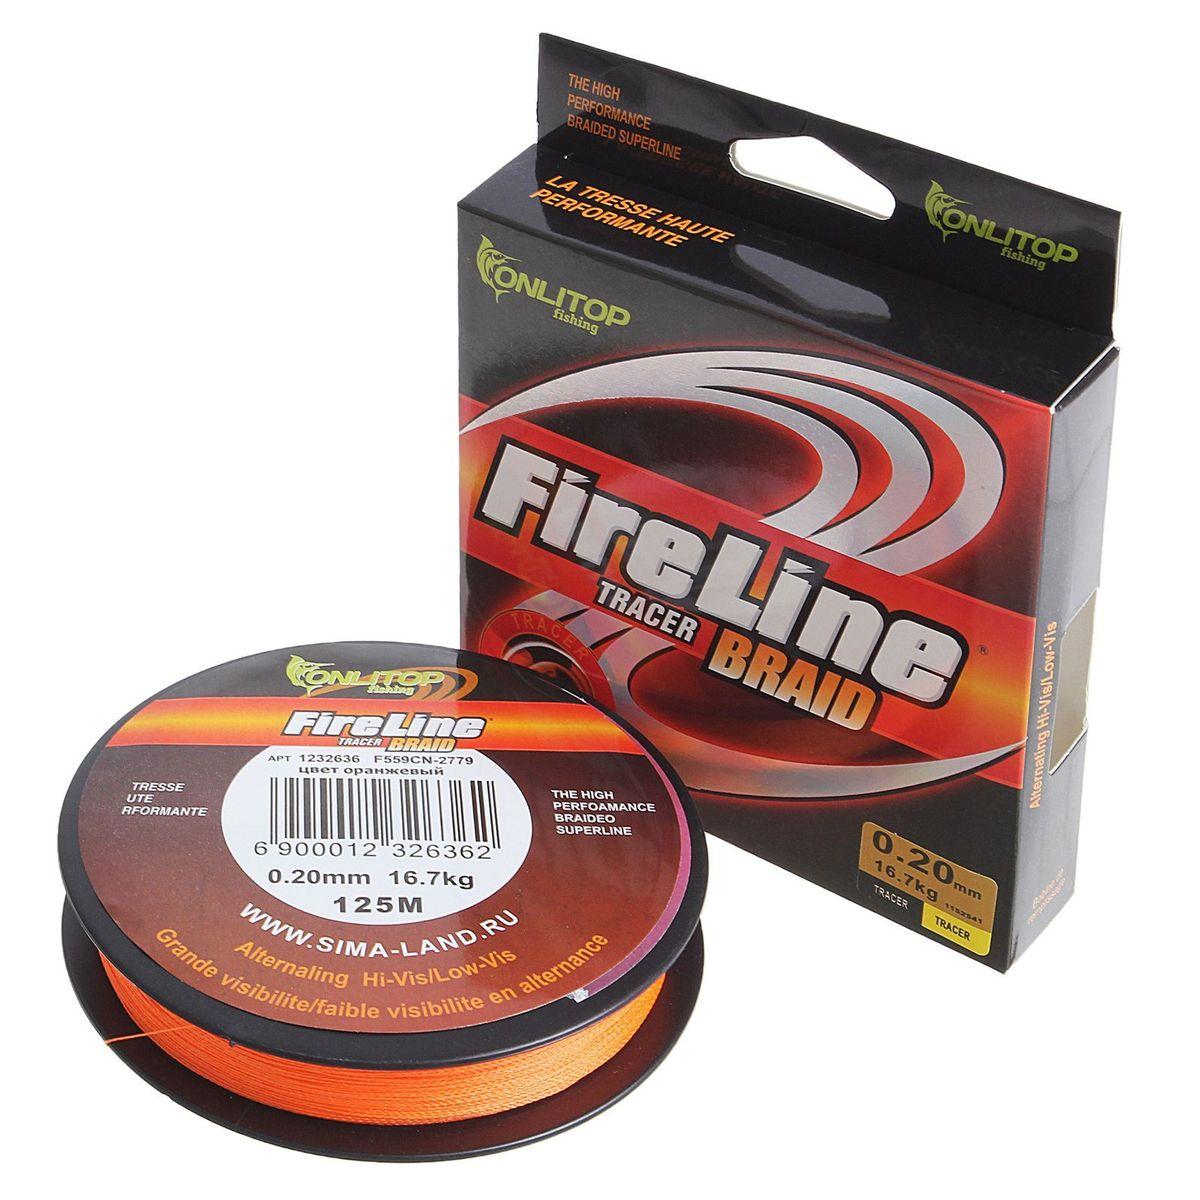 Плетеный шнур Onlitop Easy Cast, толщина 0,20 мм, длина 125 м, цвет: оранжевый